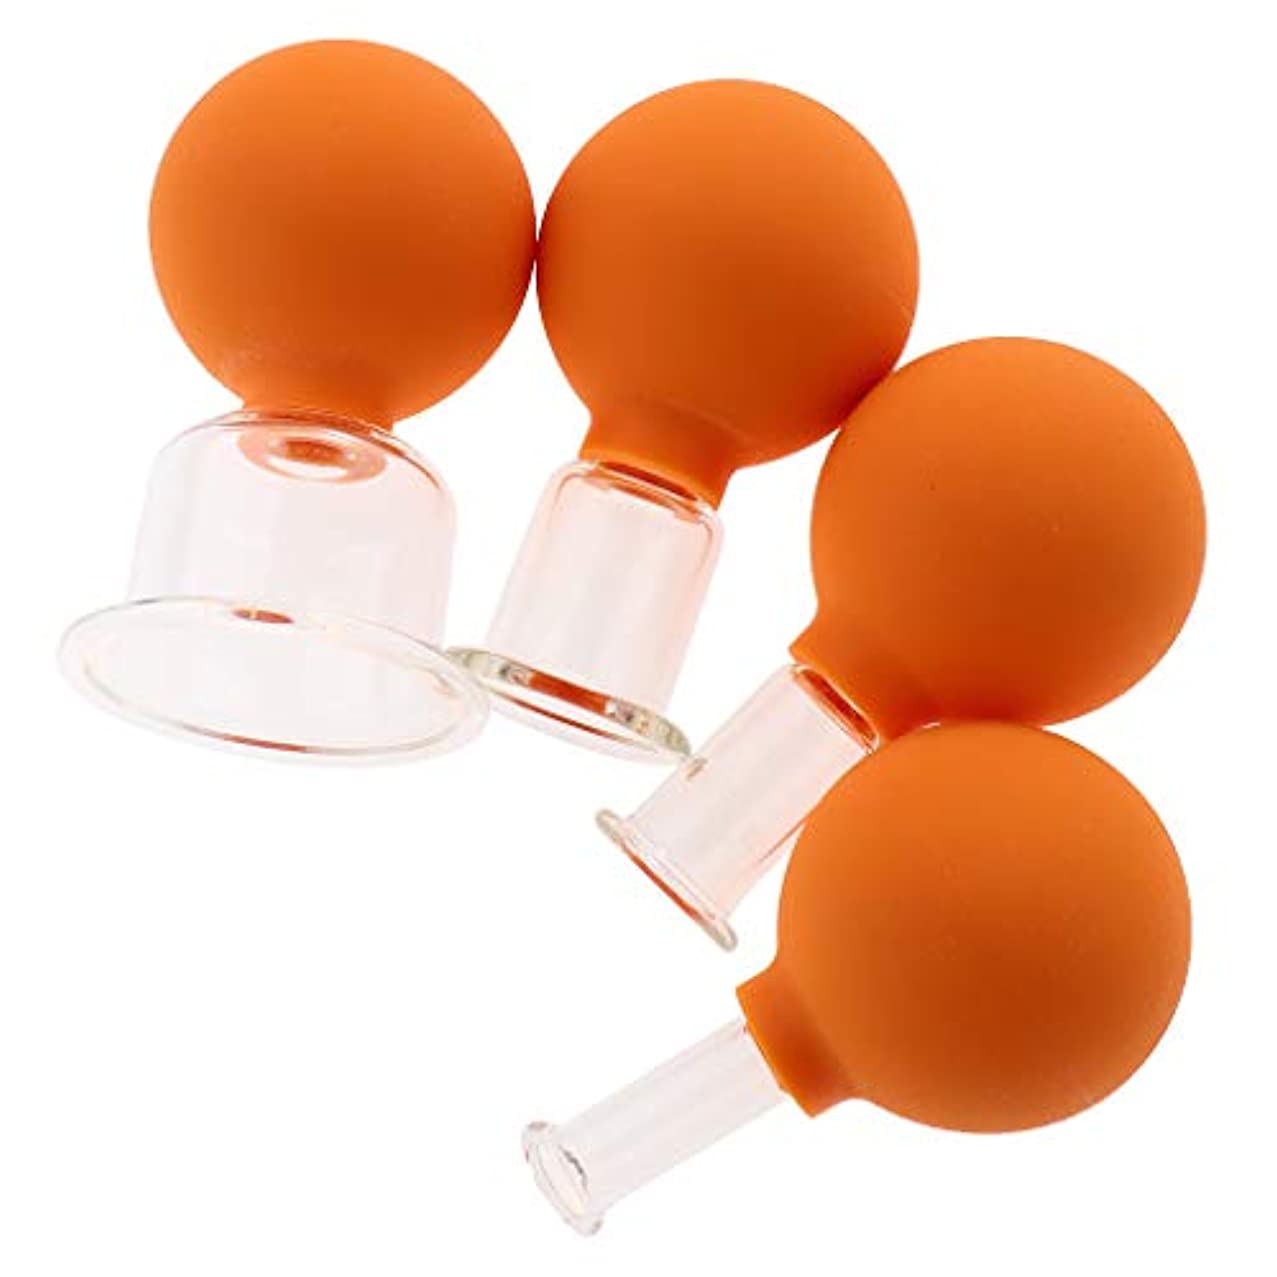 開発する姓デイジーCUTICATE 全3色 マッサージカップ ガラスカッピング 吸い玉 マッサージ カッピングセット 4個入 - オレンジ